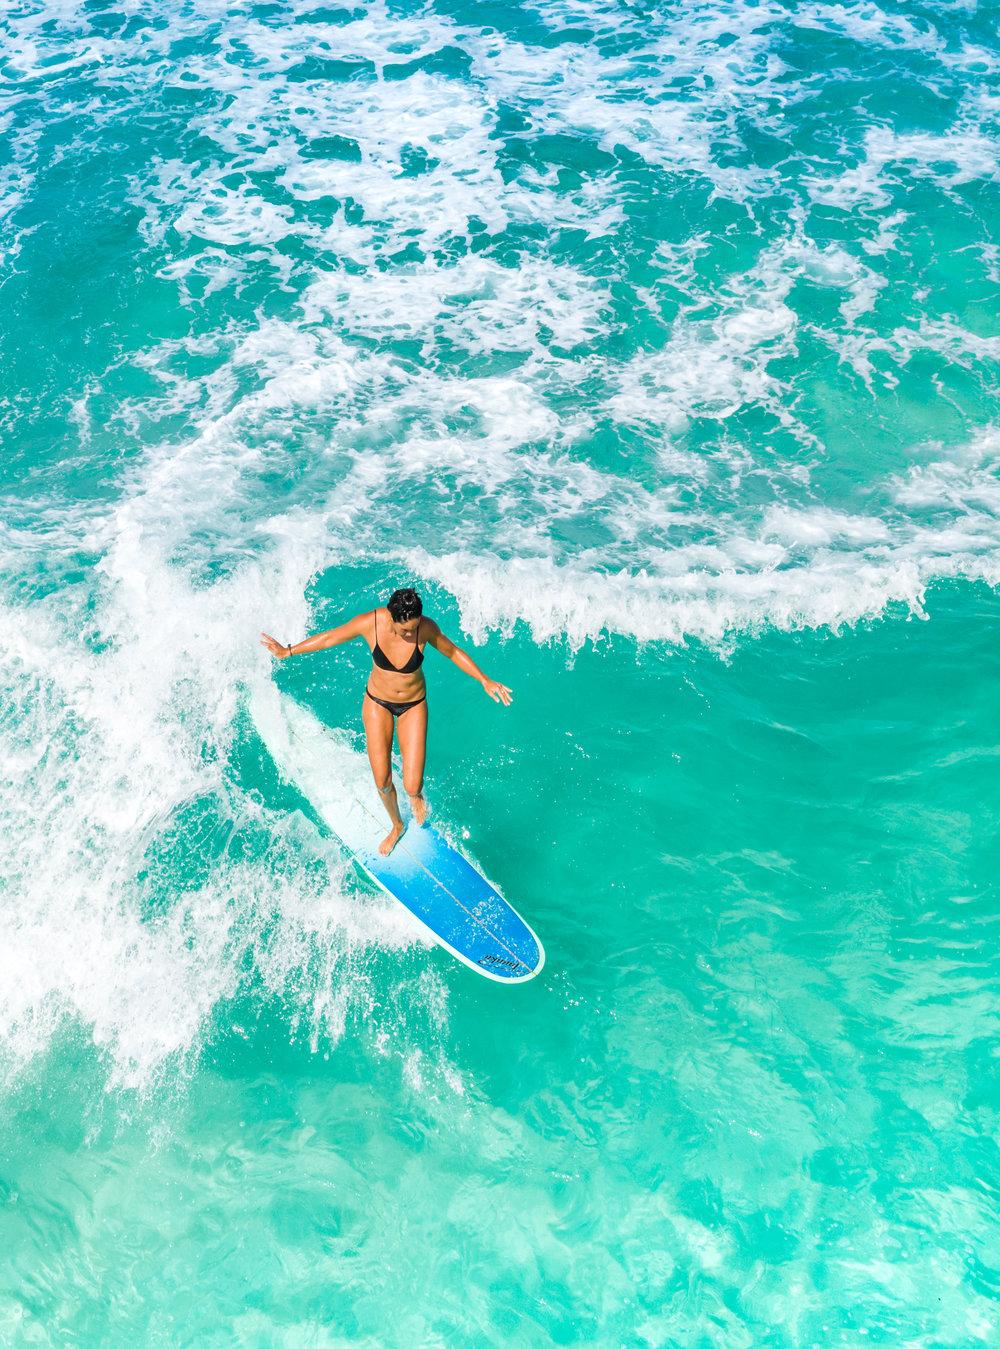 Beautiful Longboarding North Shore Oahu